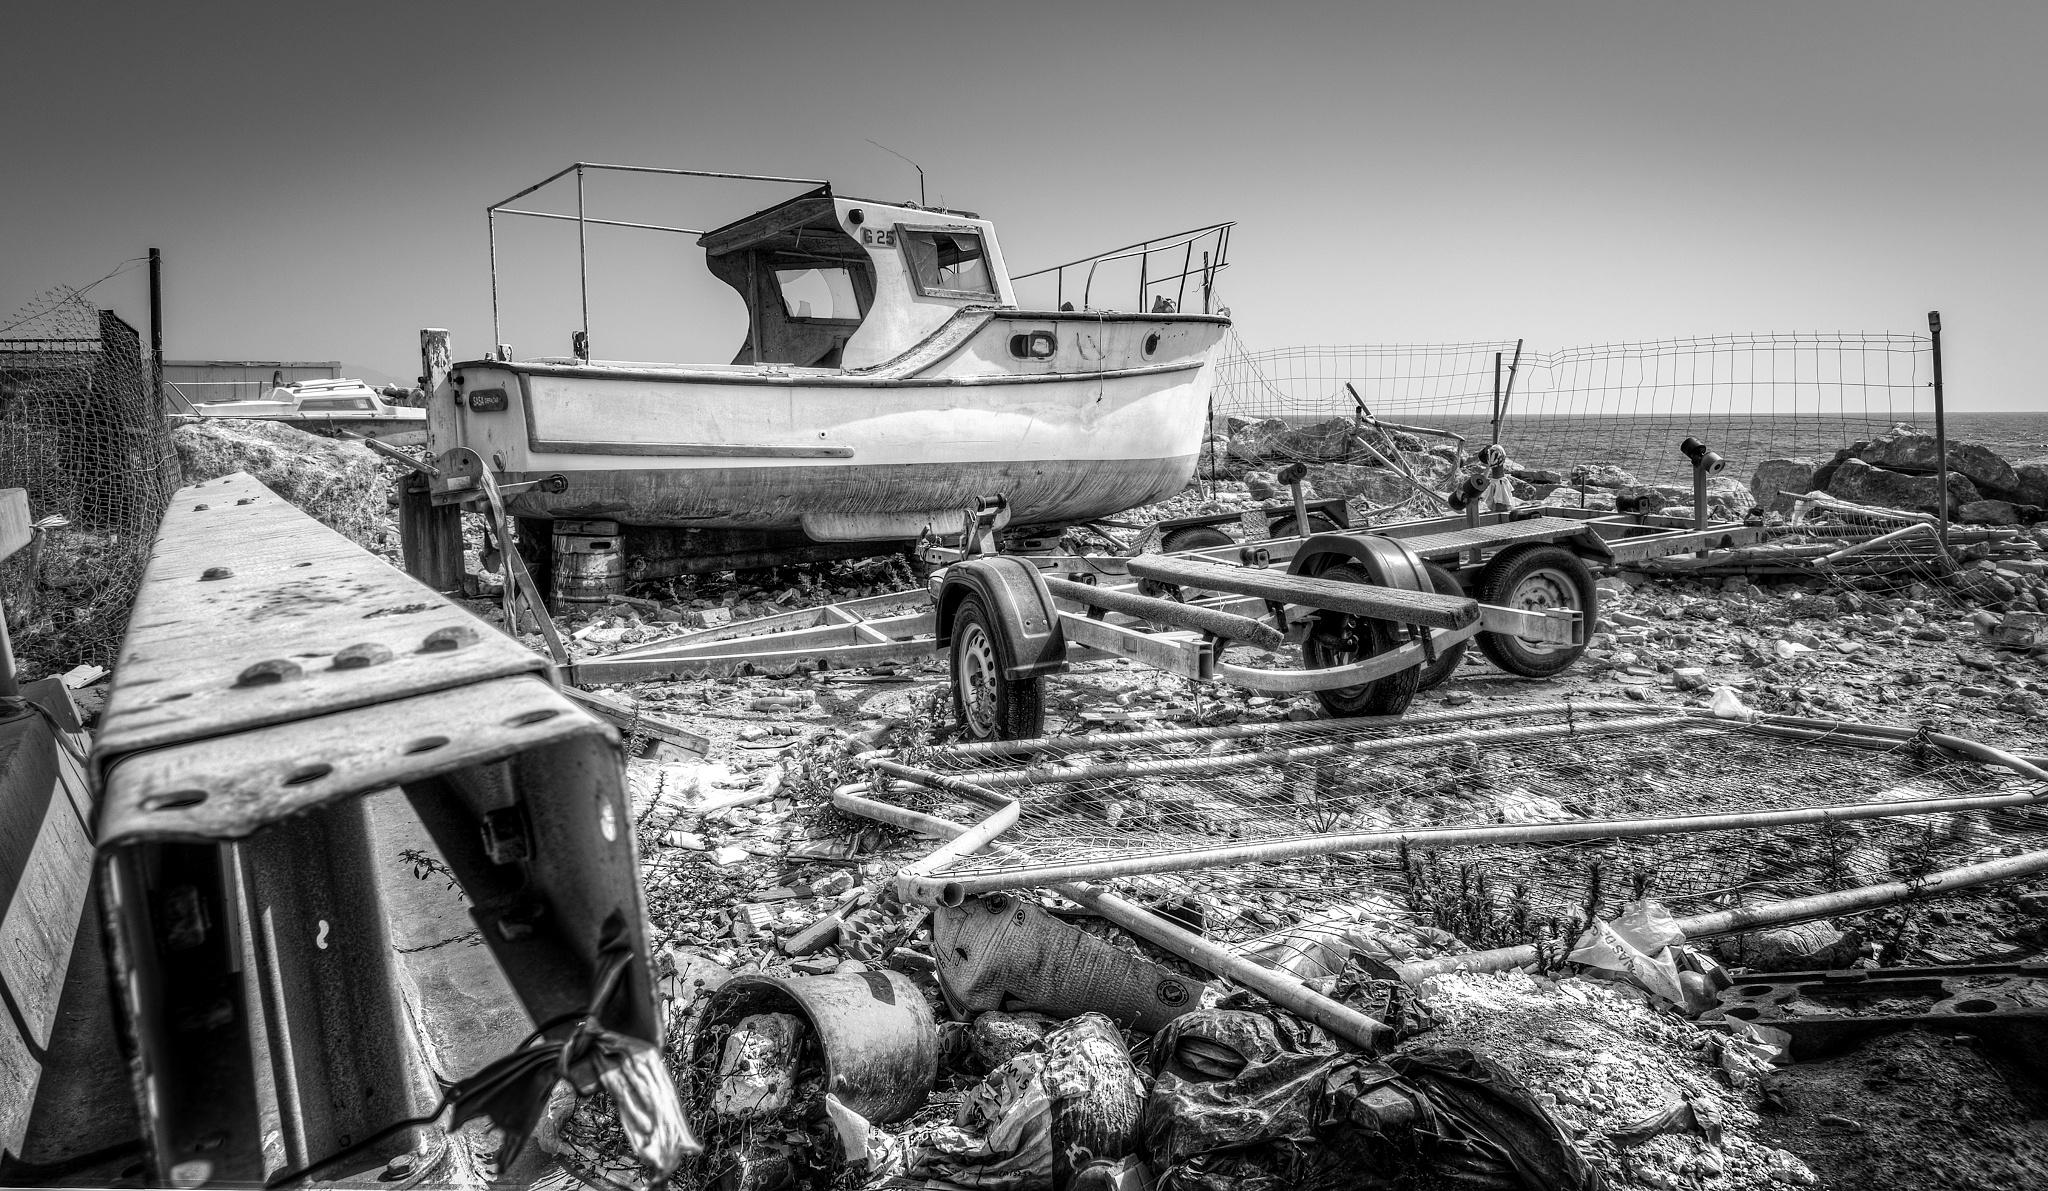 Scrapyard by gibwheels